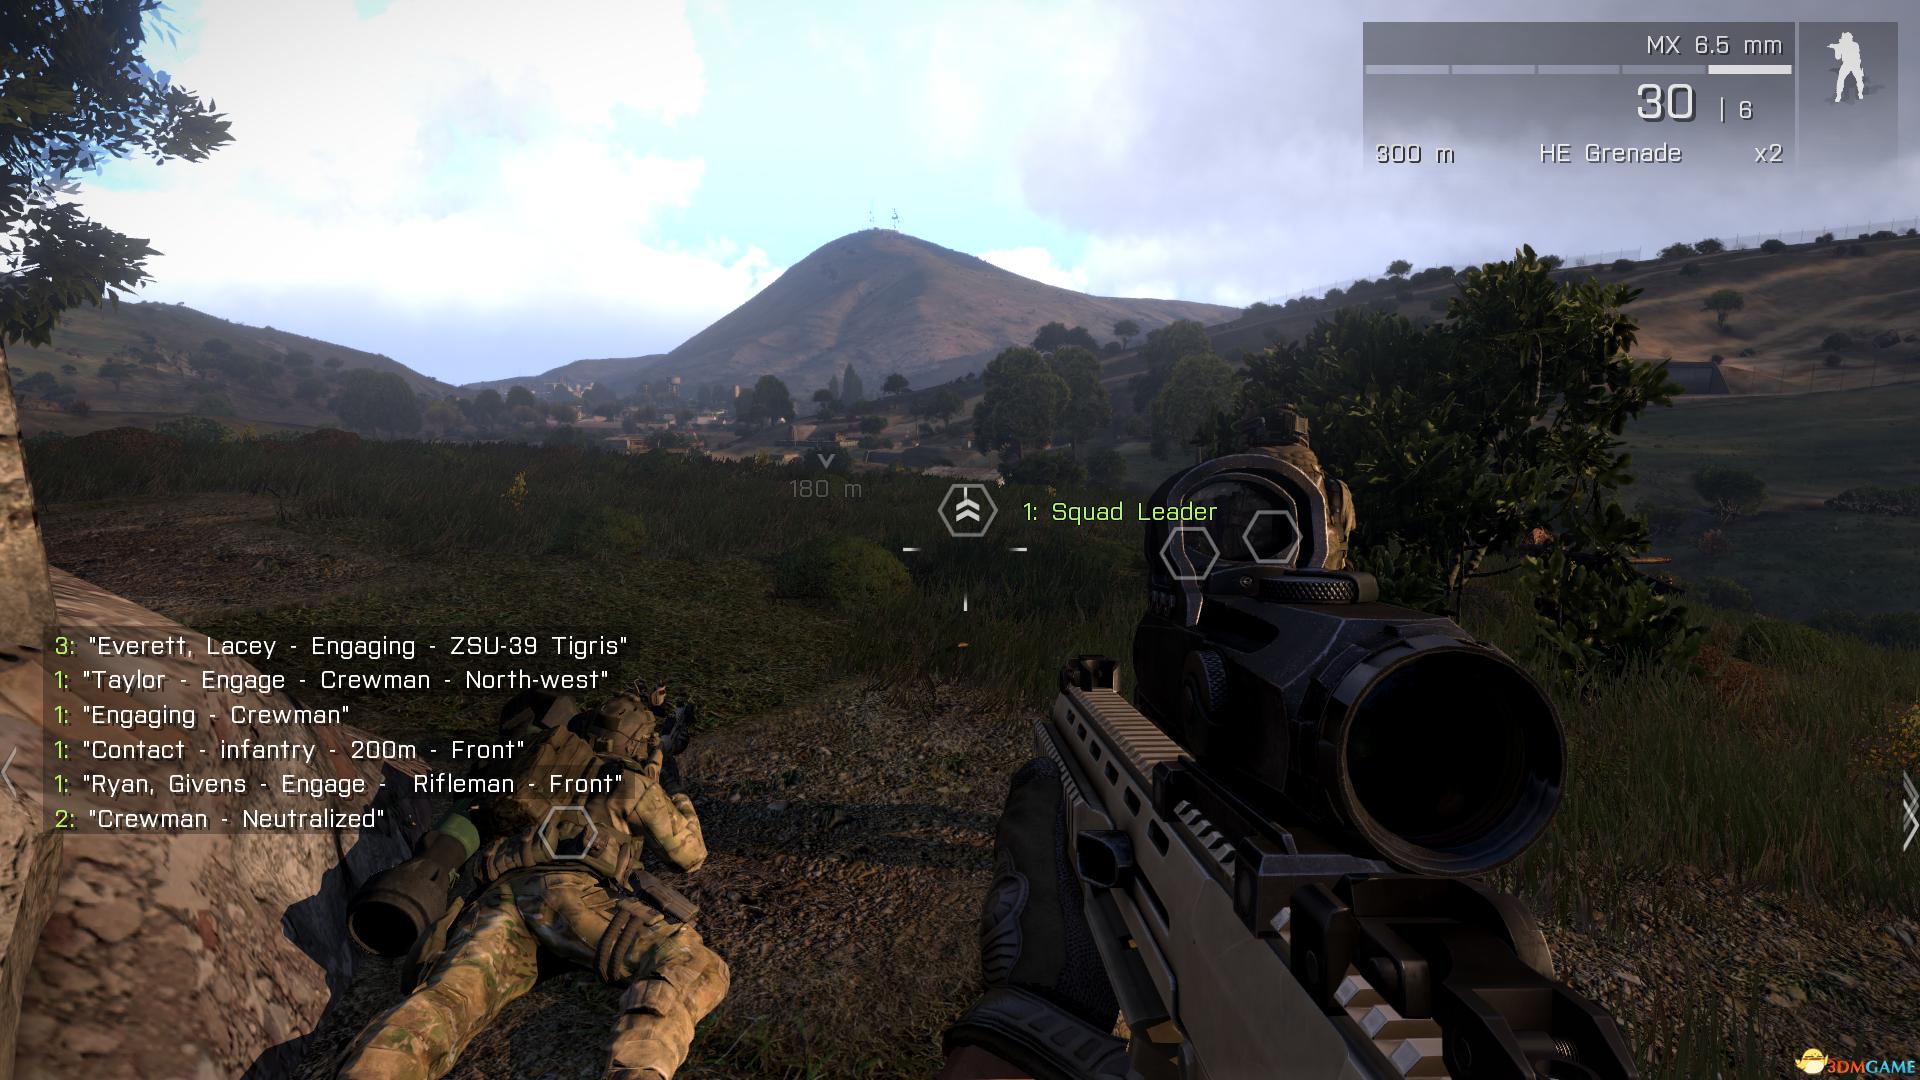 武装突袭3正式版游戏截图抢先分享